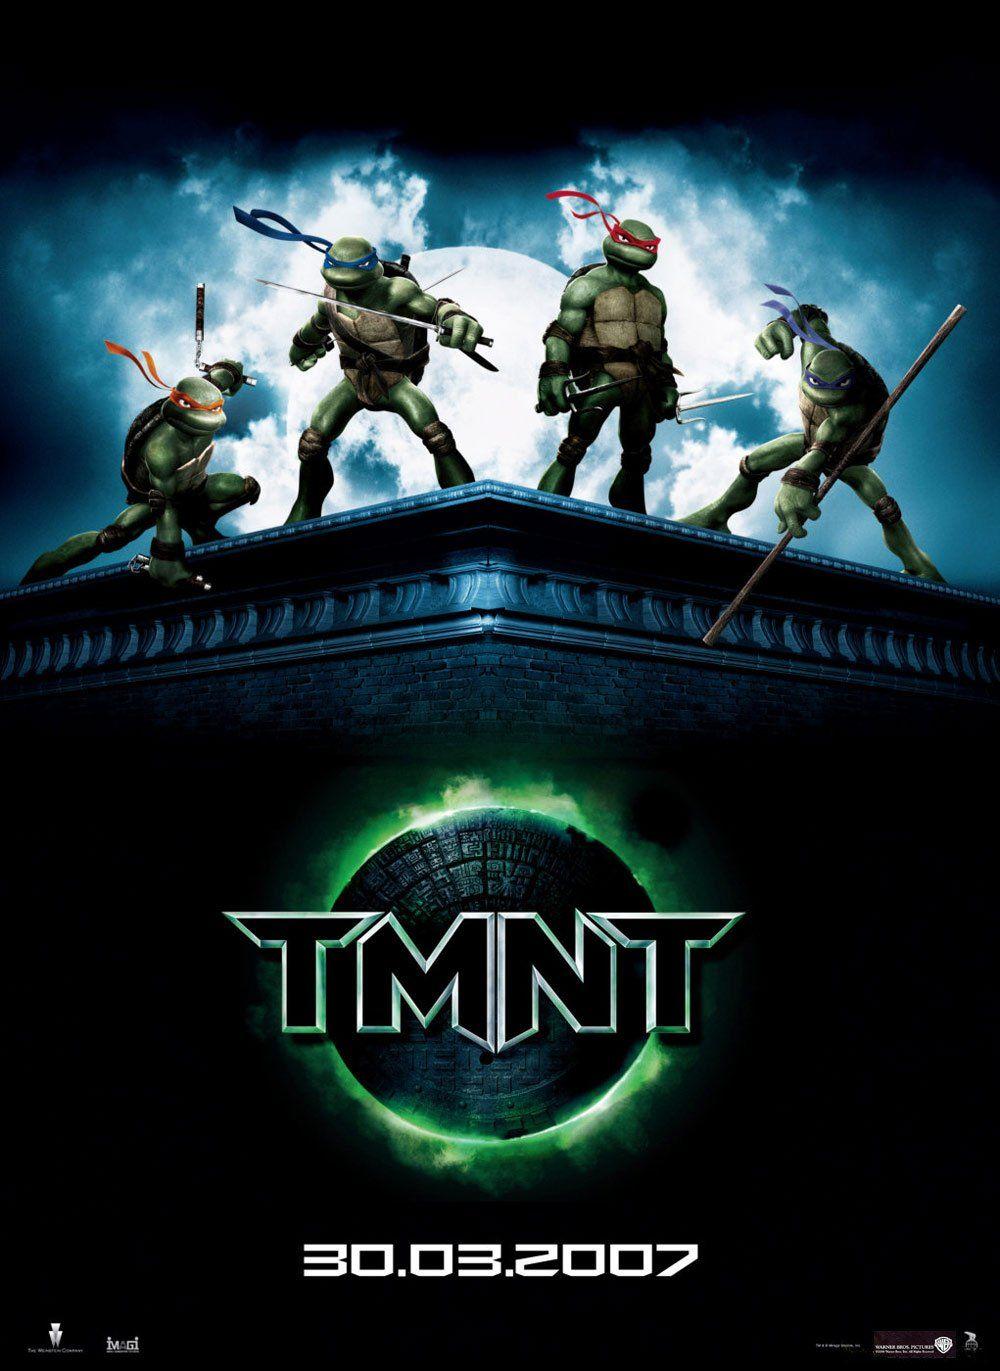 tmnt movie 2007 stone generals